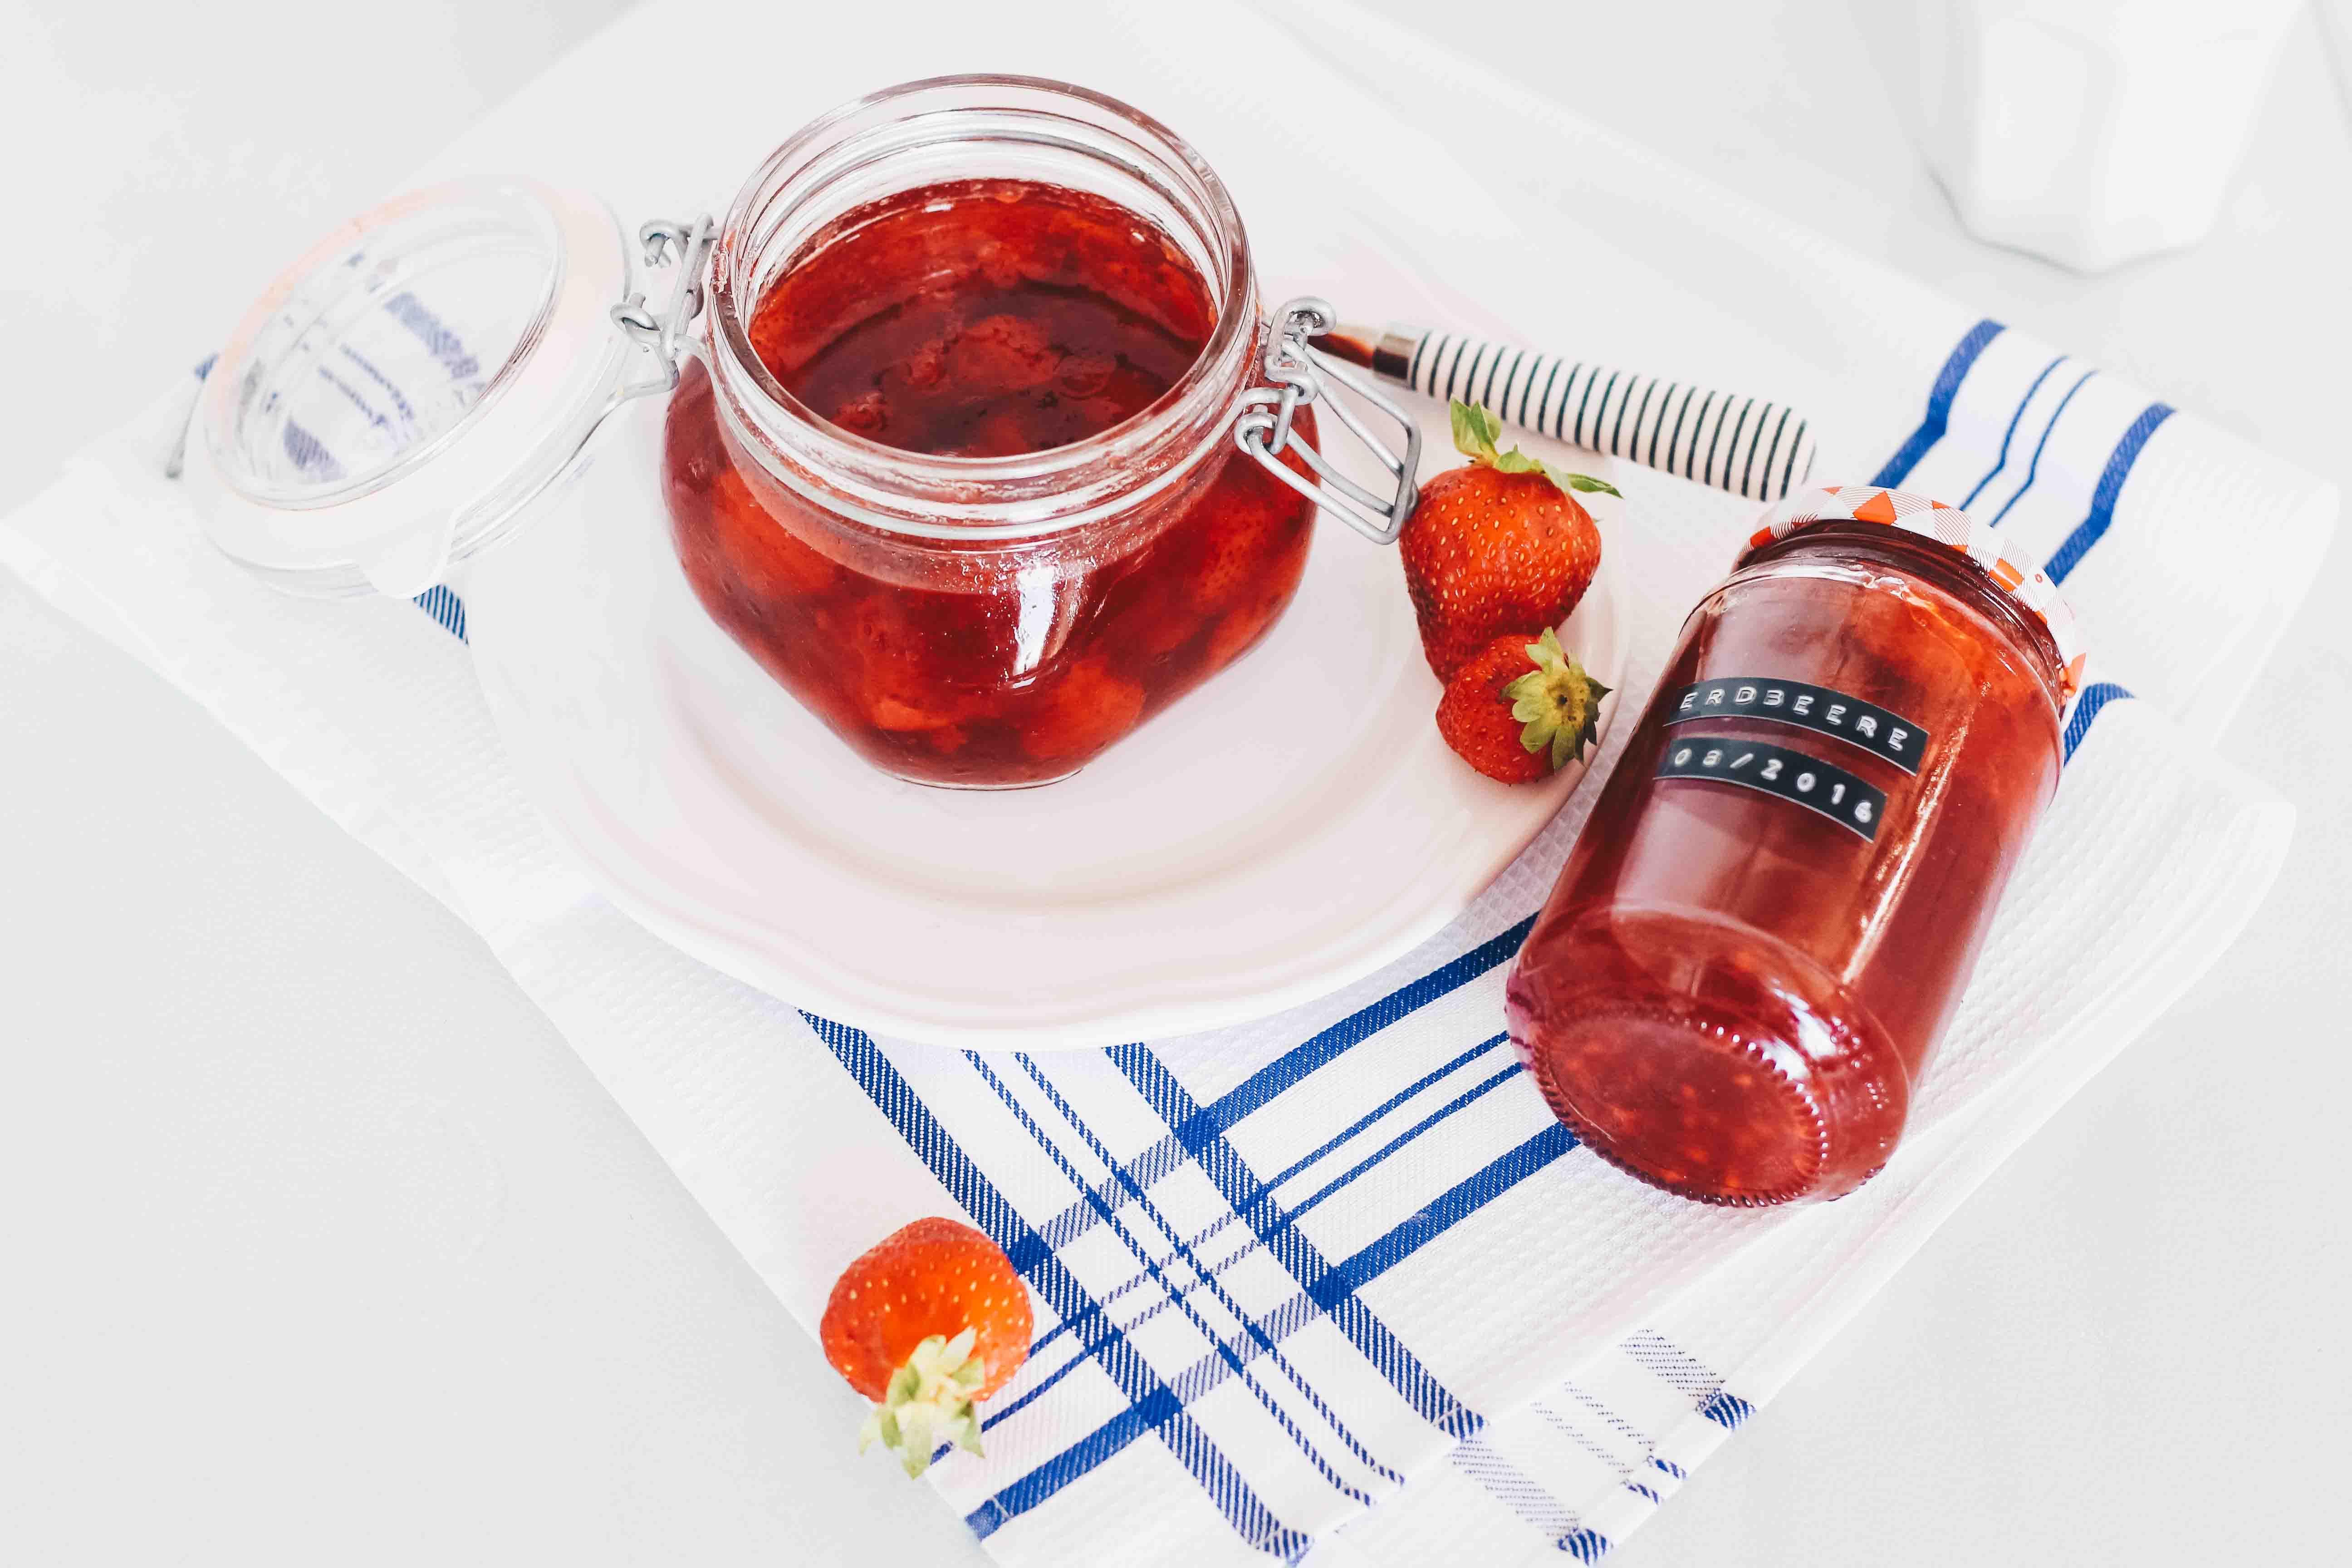 vanillaholica-vegane-erdbeermarmelade-vegane-marmelade-jpg